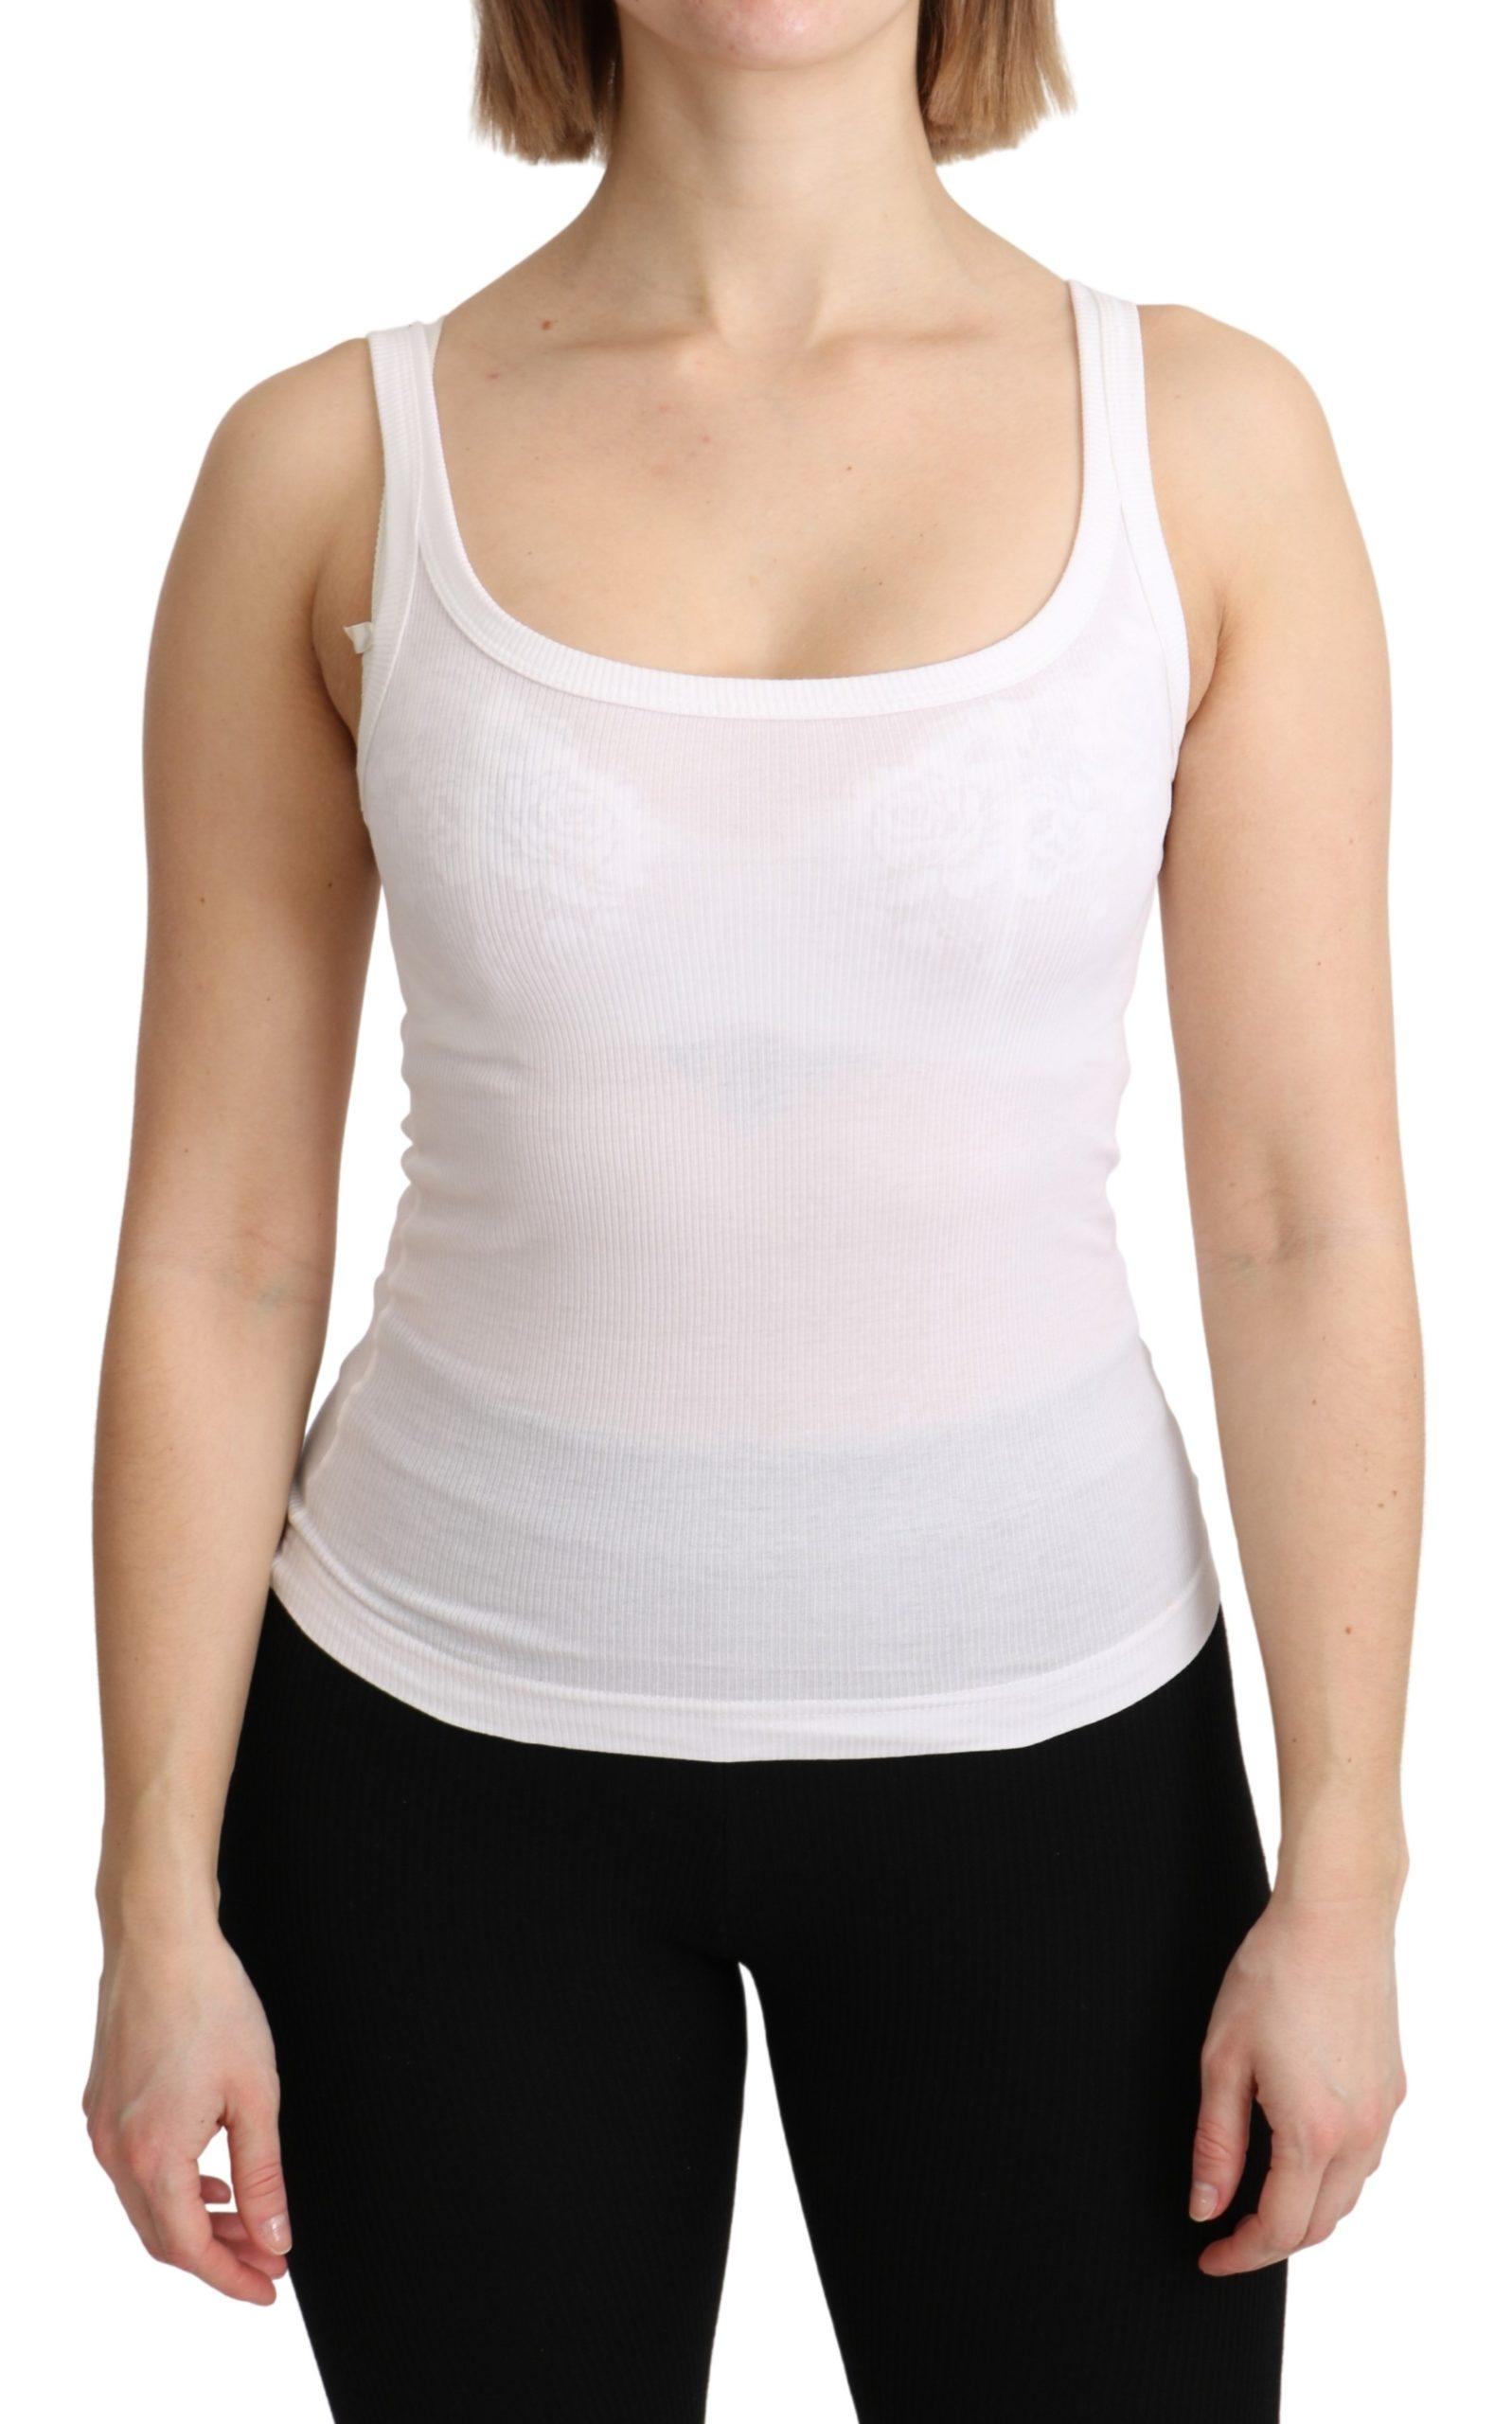 Dolce & Gabbana Women's Sleeveless Cotton Top White TSH4897 - IT36 | XS